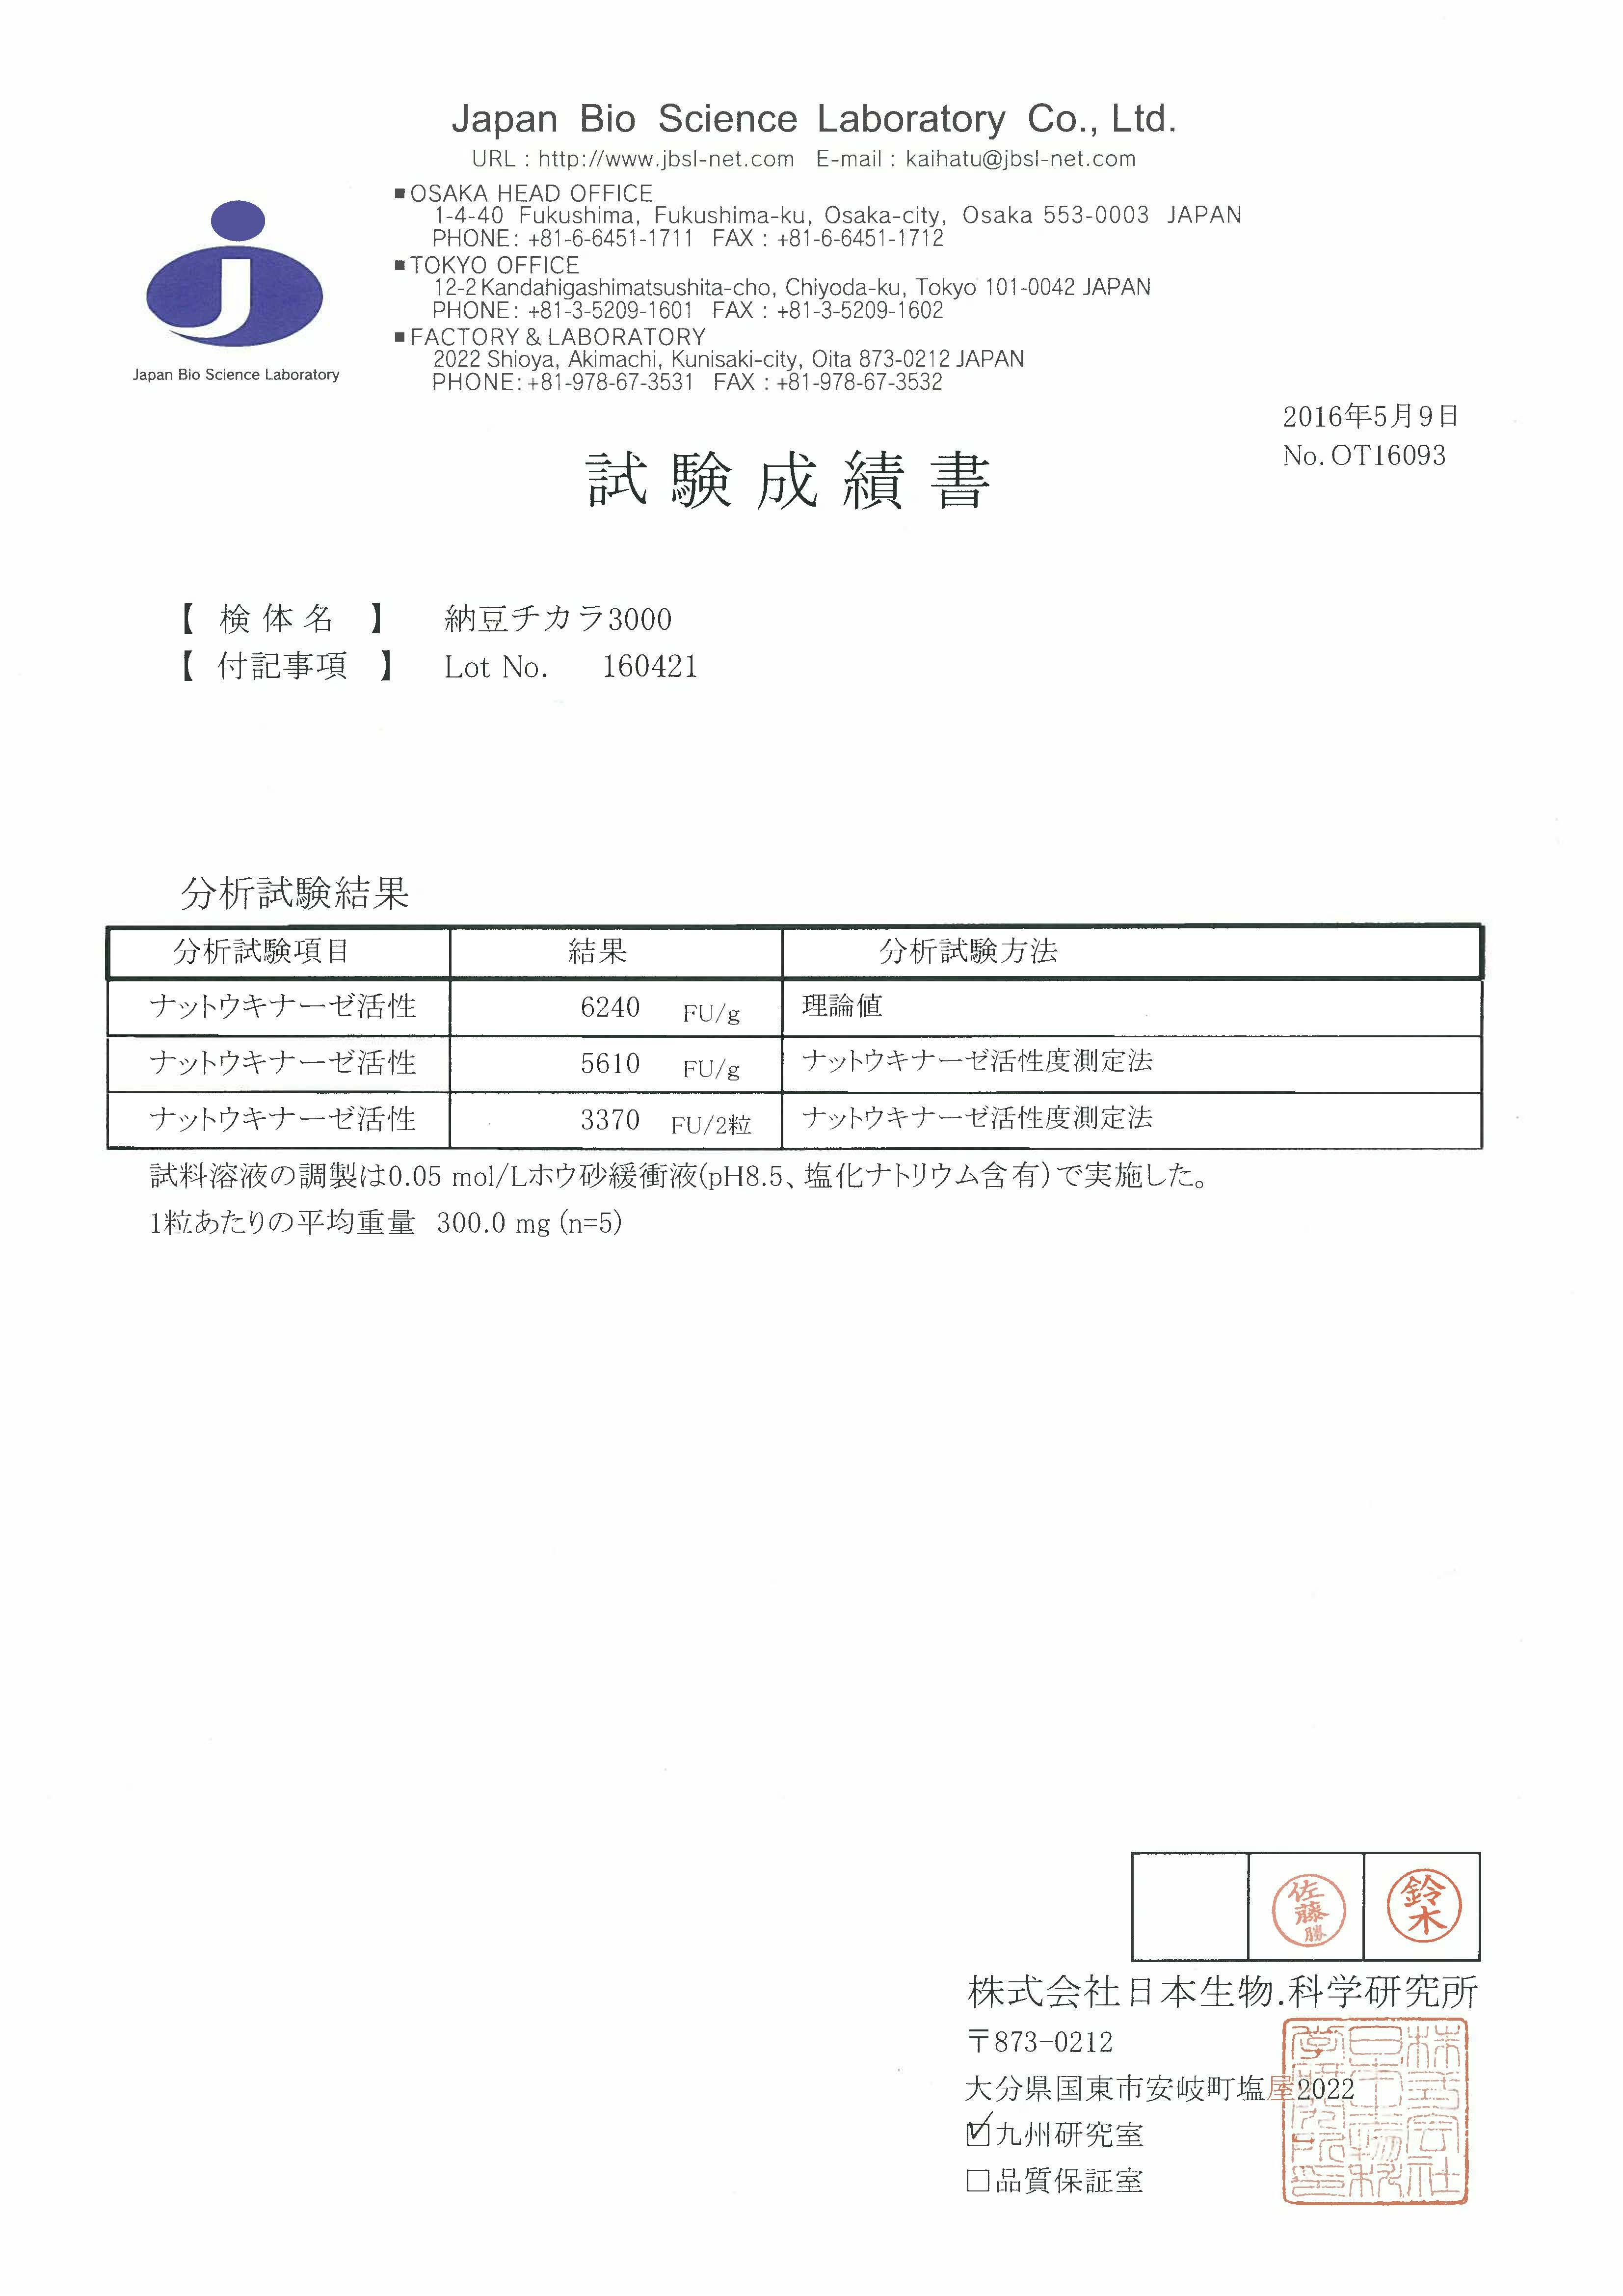 OT16093 納豆チカラ3000 (Lot 160421) 160509